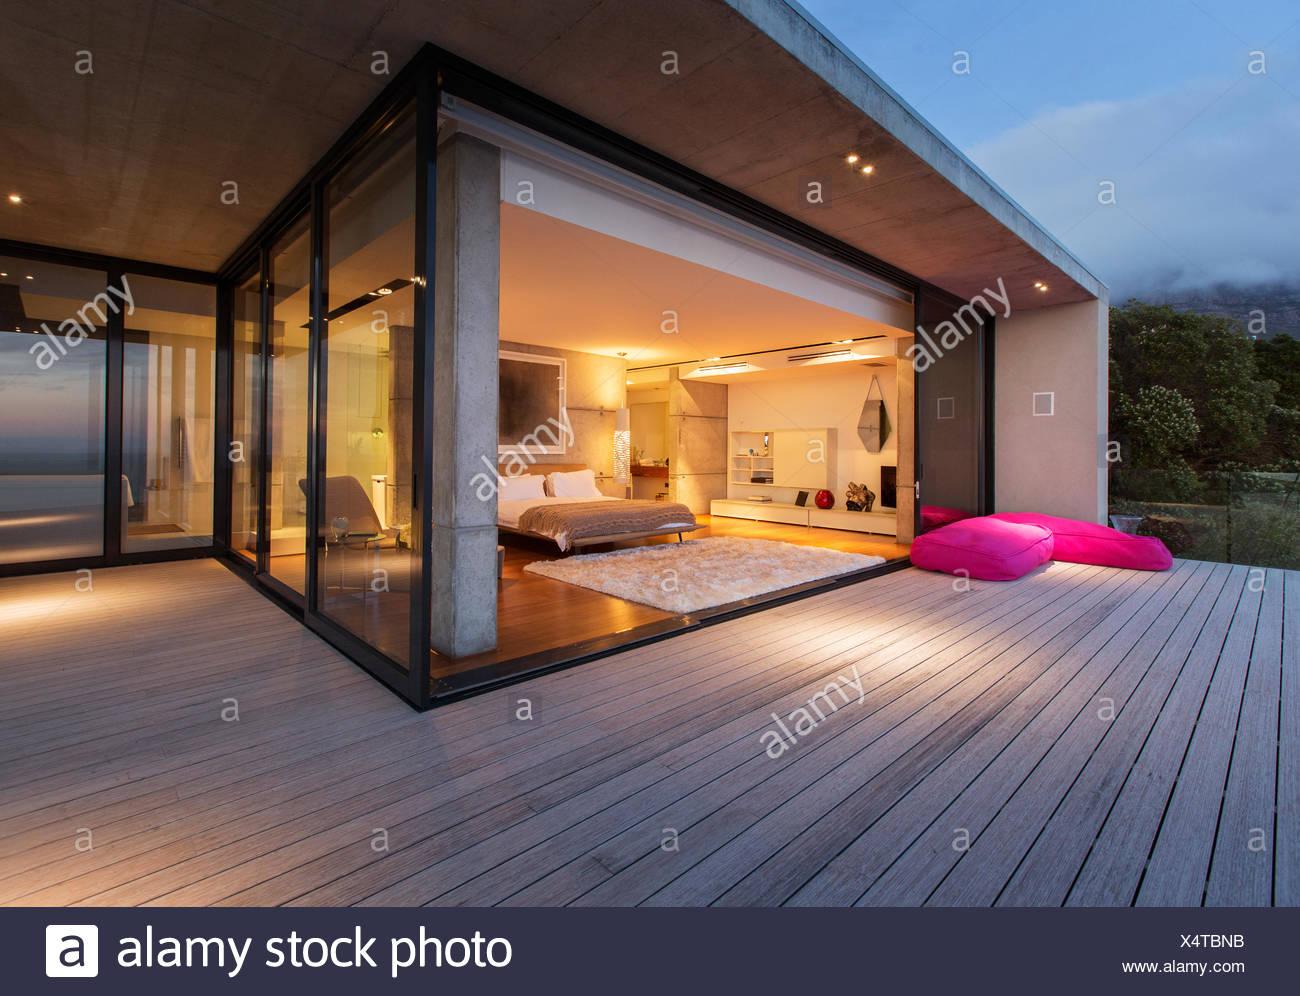 Glas-Schiebetüren Schlafzimmer des modernen Hauses Stockbild